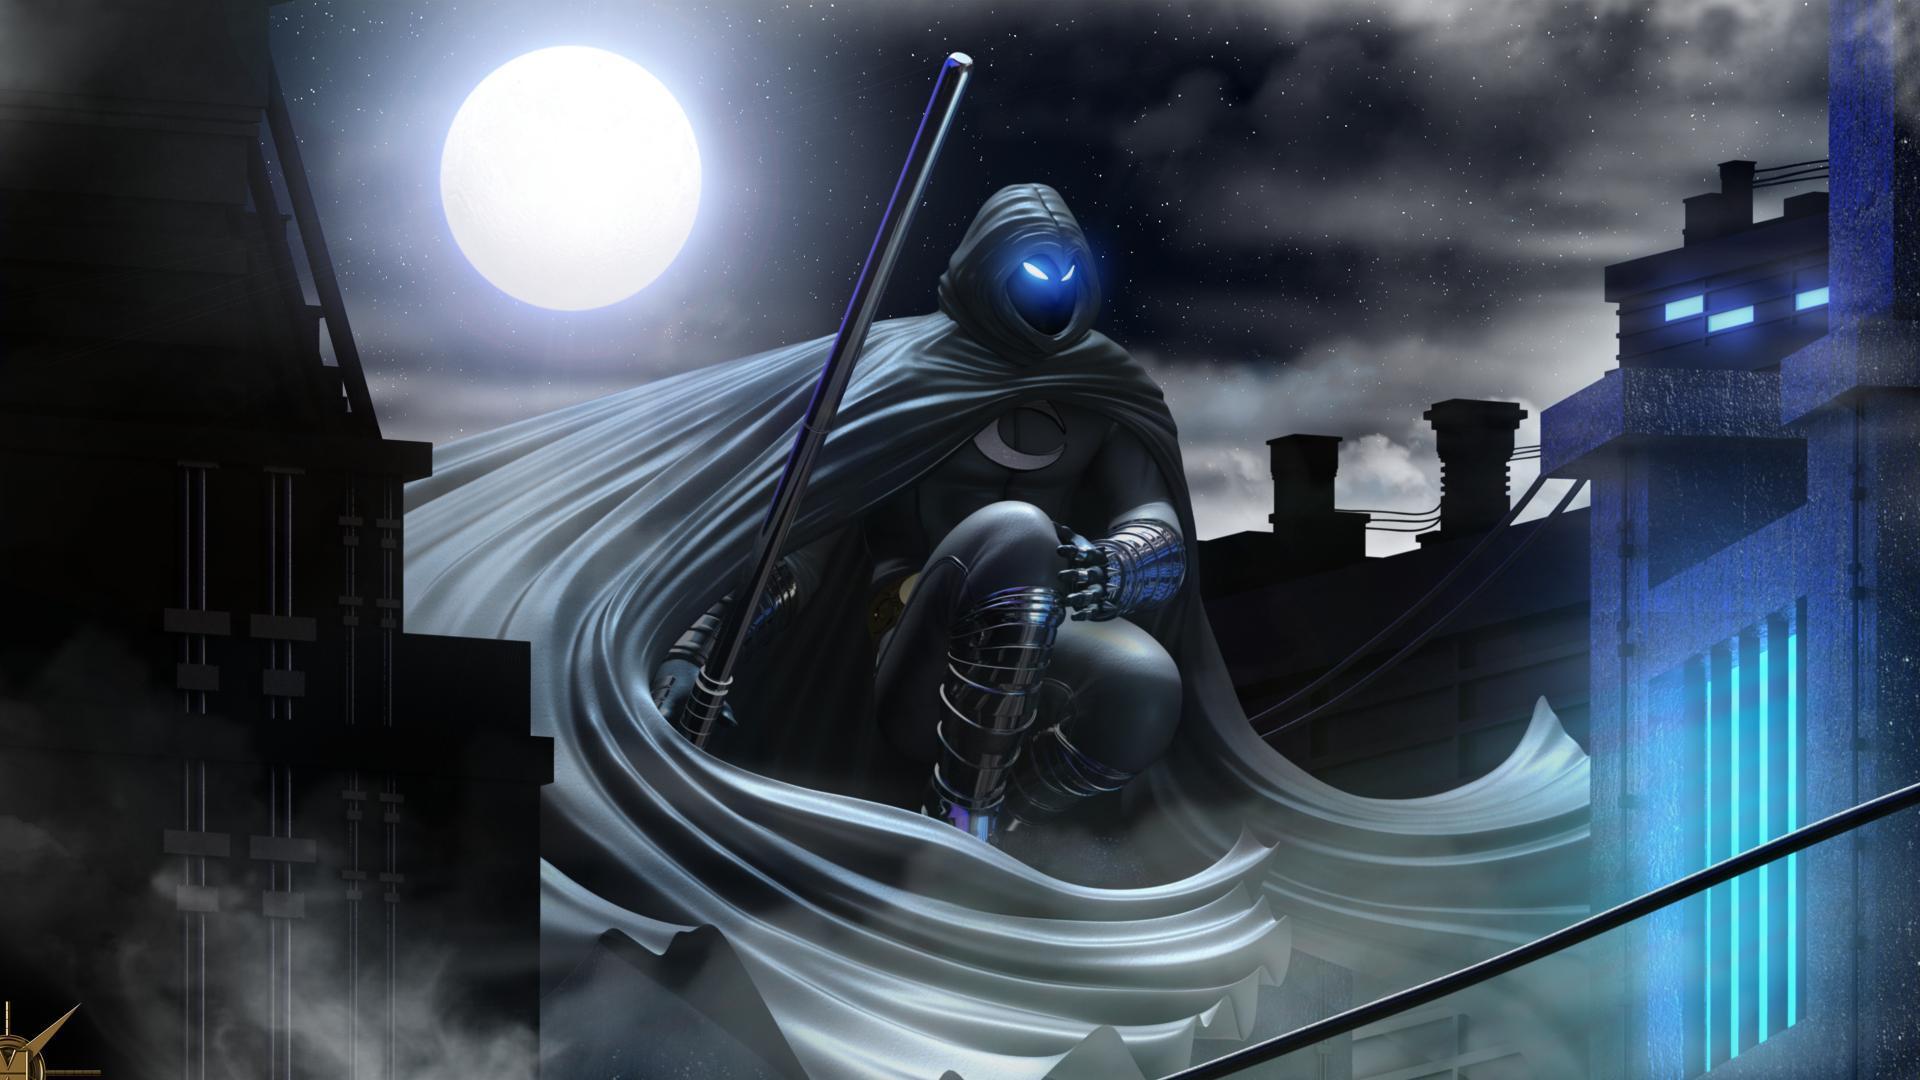 Batman Beyond 3d Wallpaper Moon Knight Wallpapers Wallpaper Cave